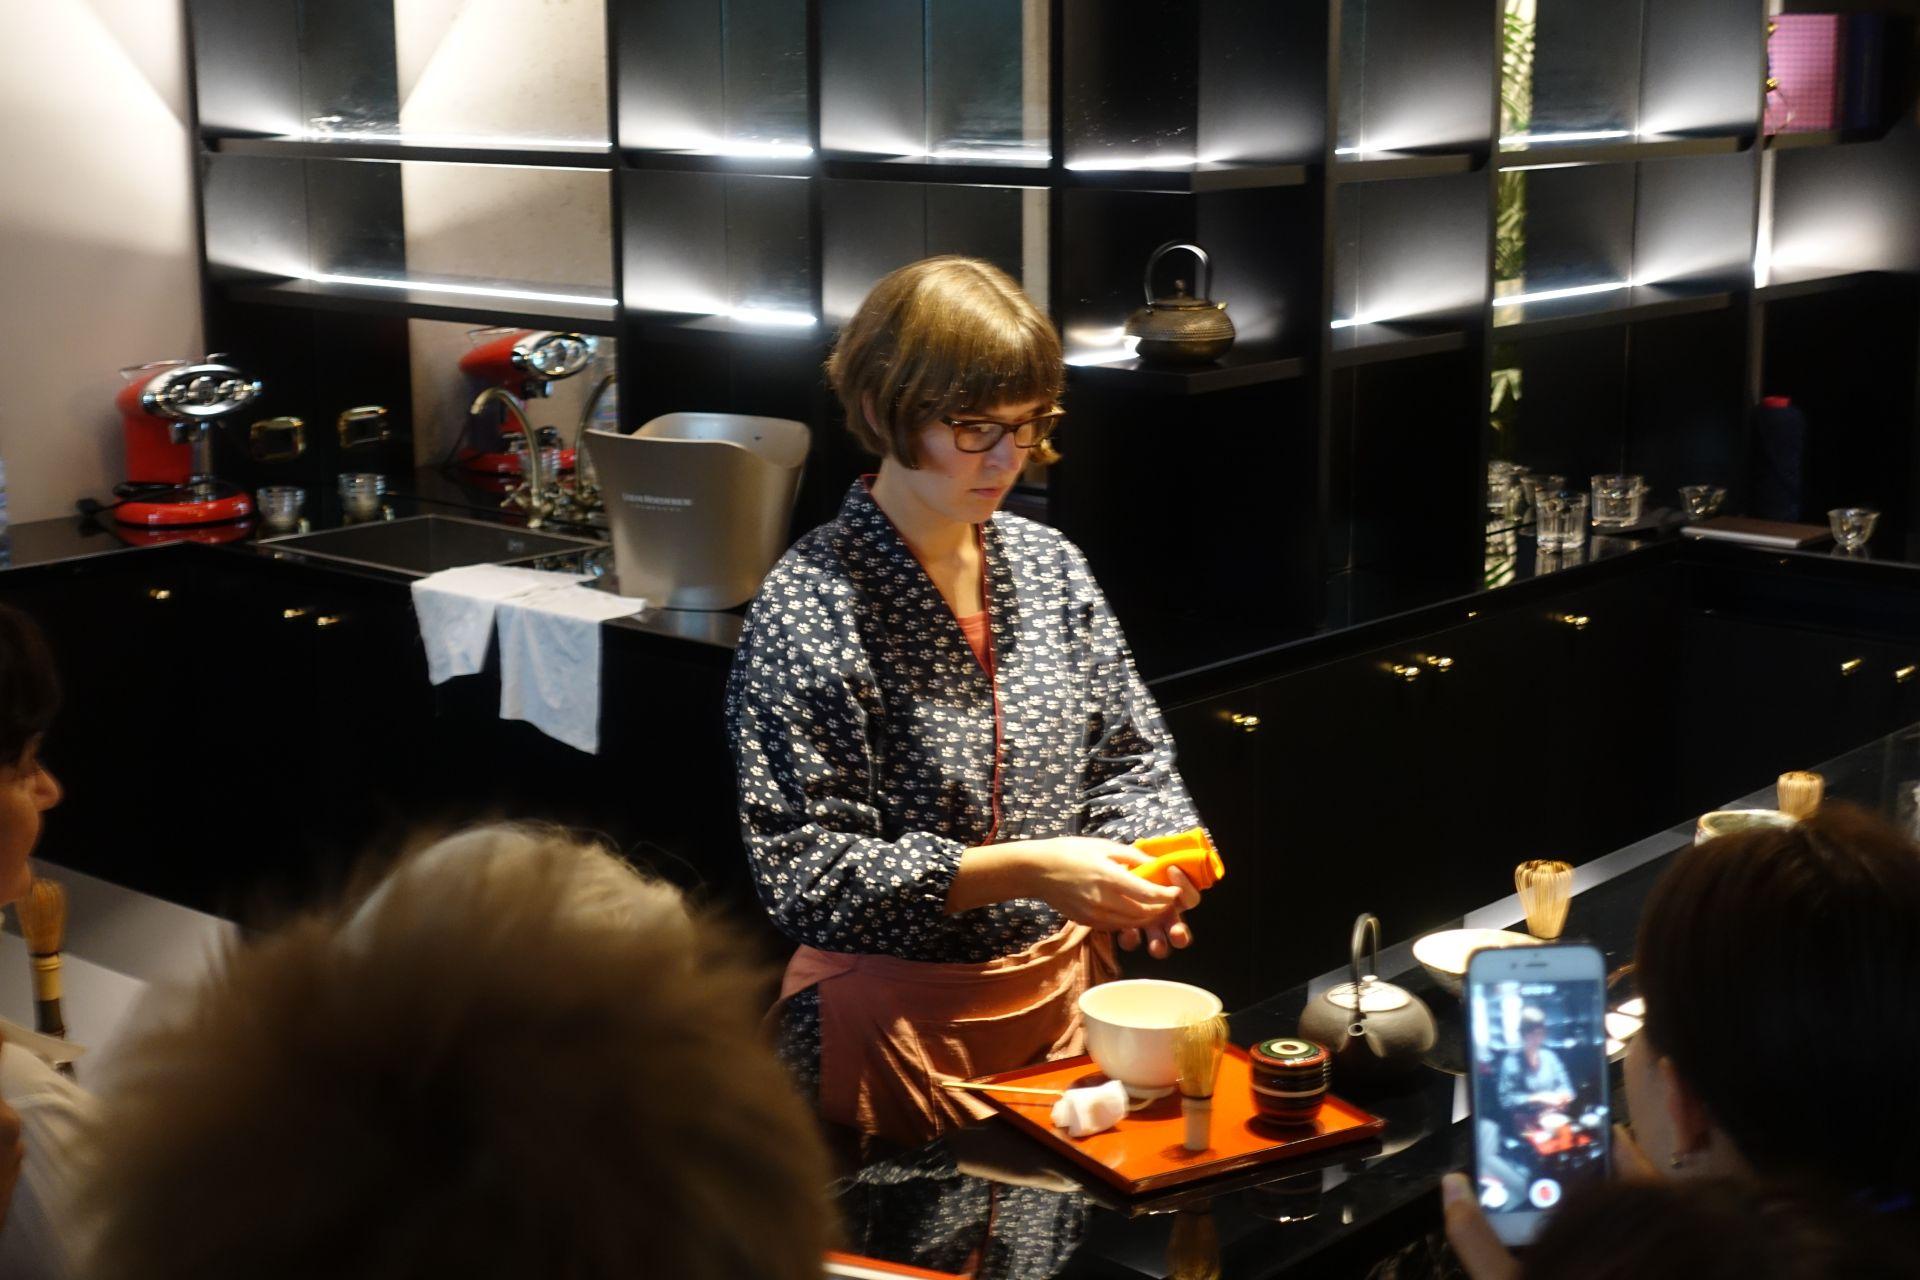 抹茶ワークショップ in ミラノ|日本茶普及海外ツアー・欧州遠征2018